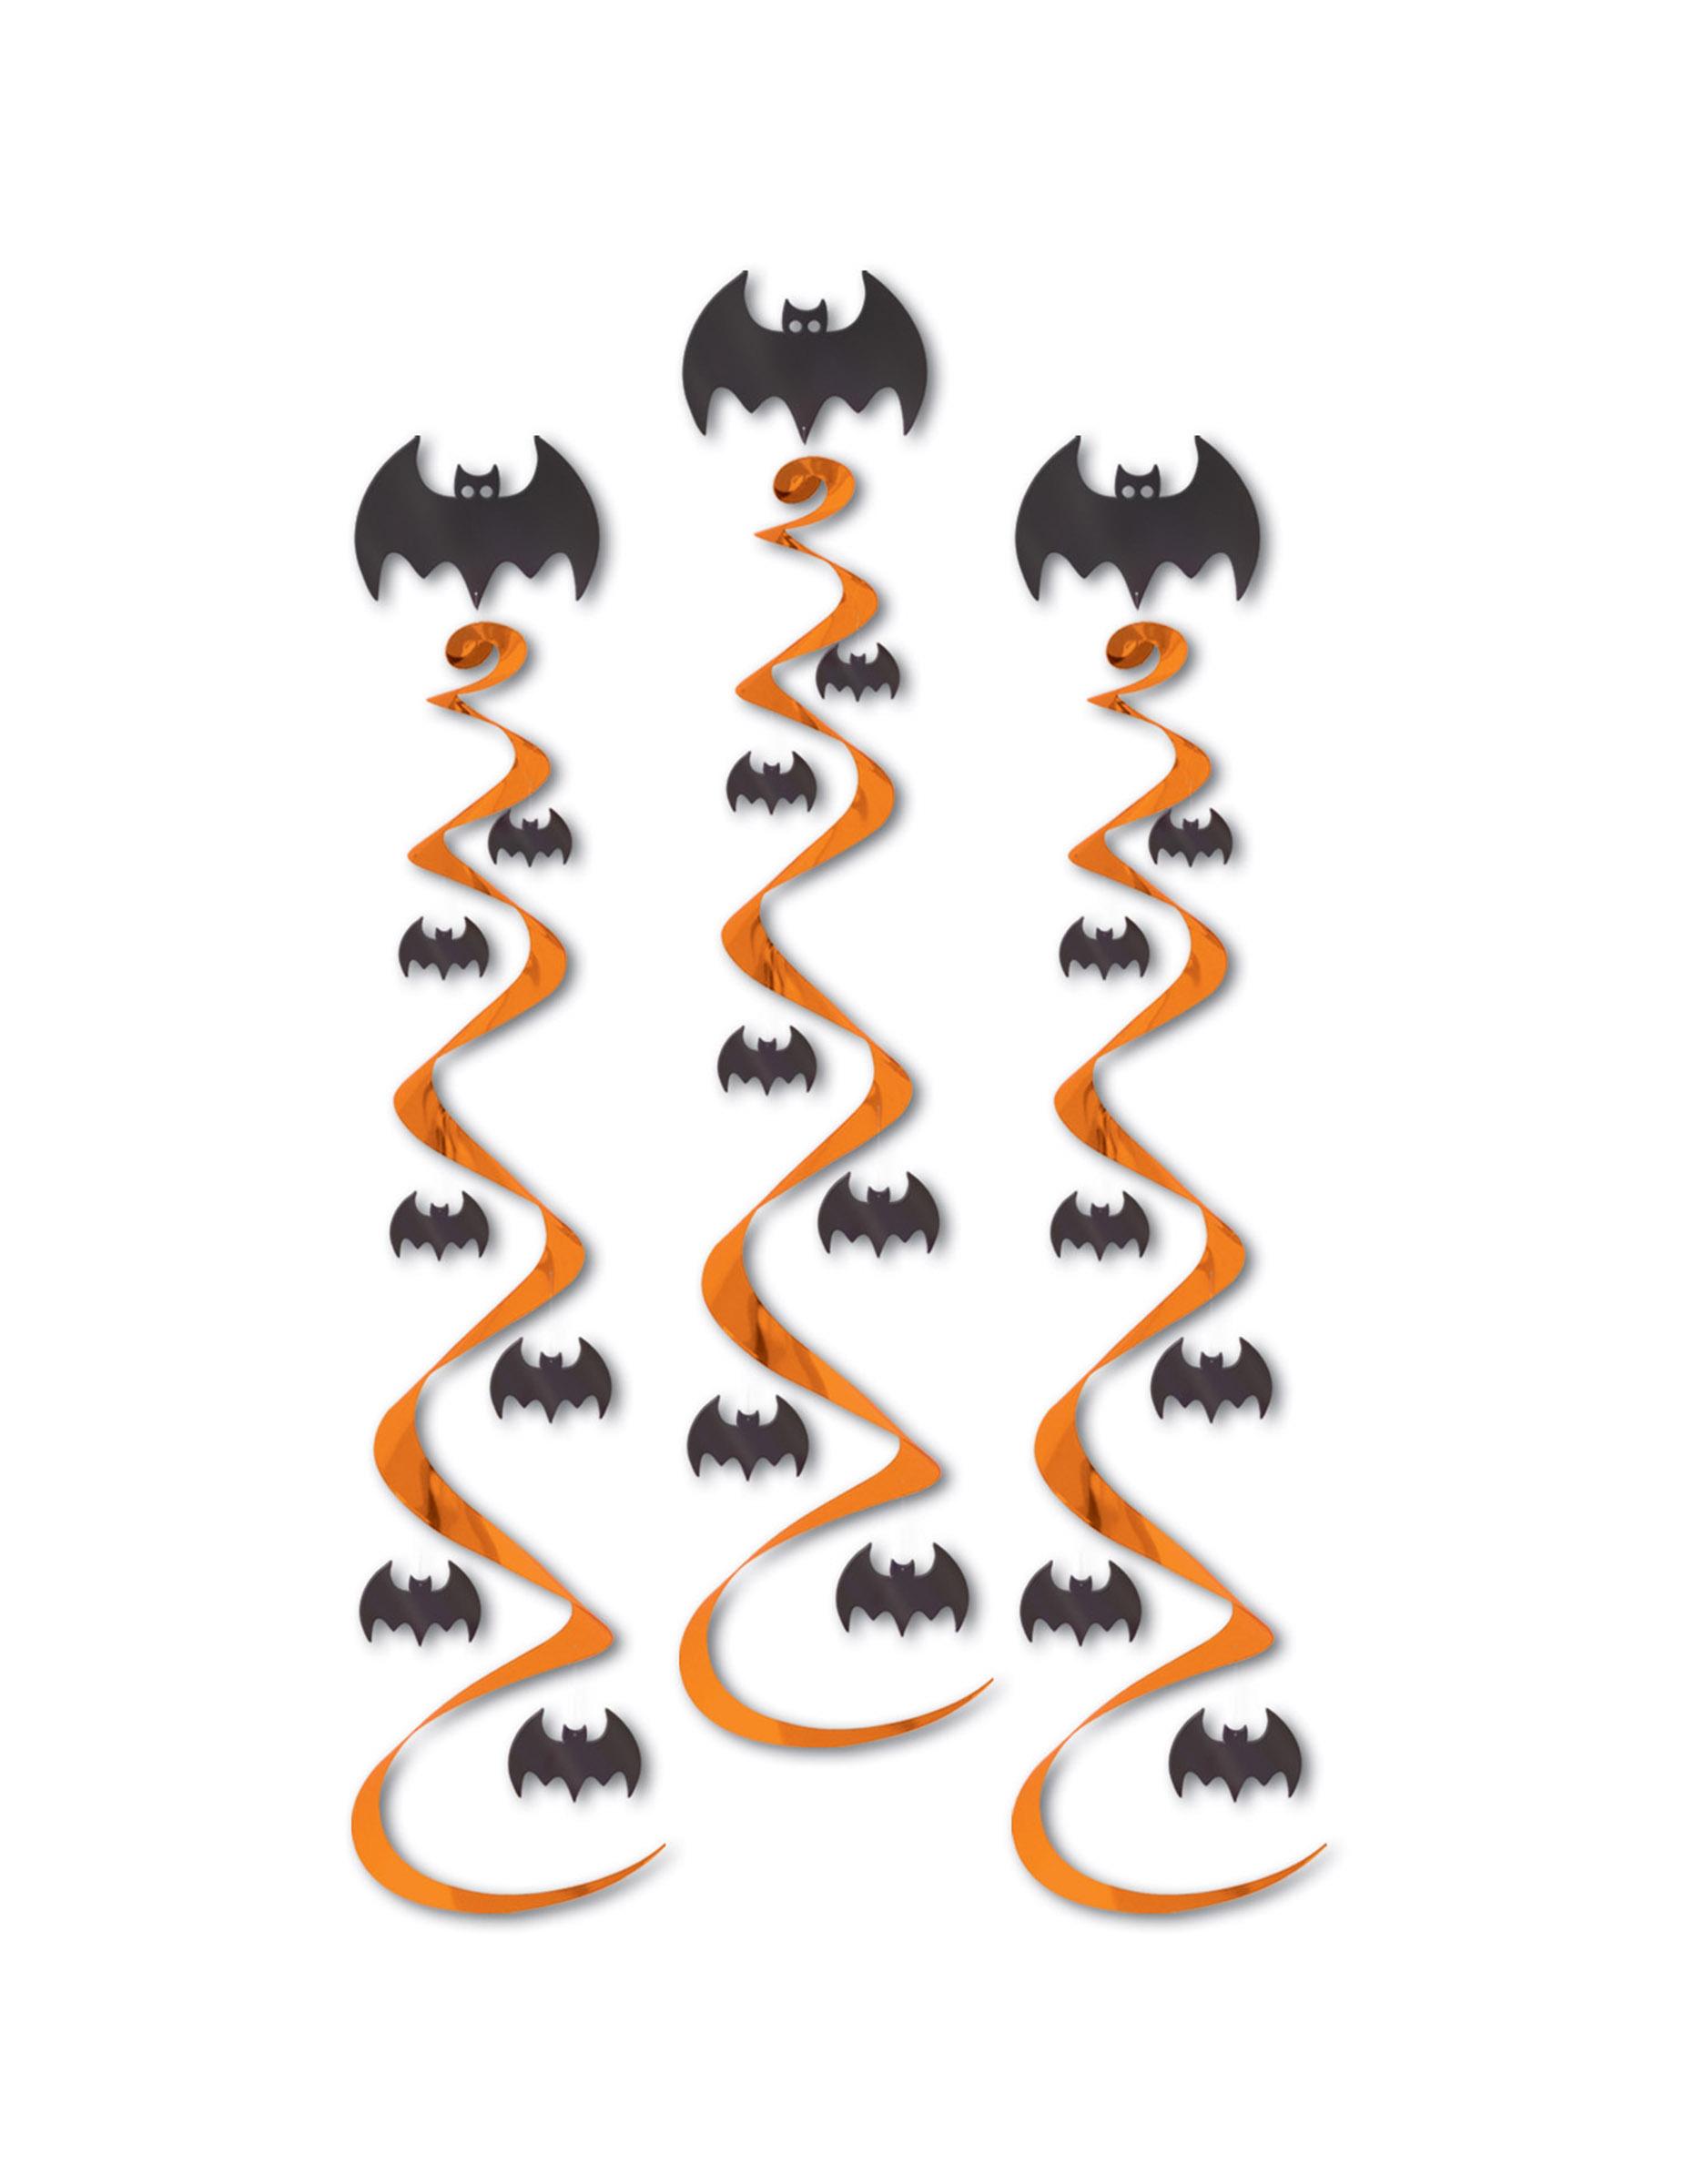 fledermaus h nger halloween party deko 3 st ck orange. Black Bedroom Furniture Sets. Home Design Ideas